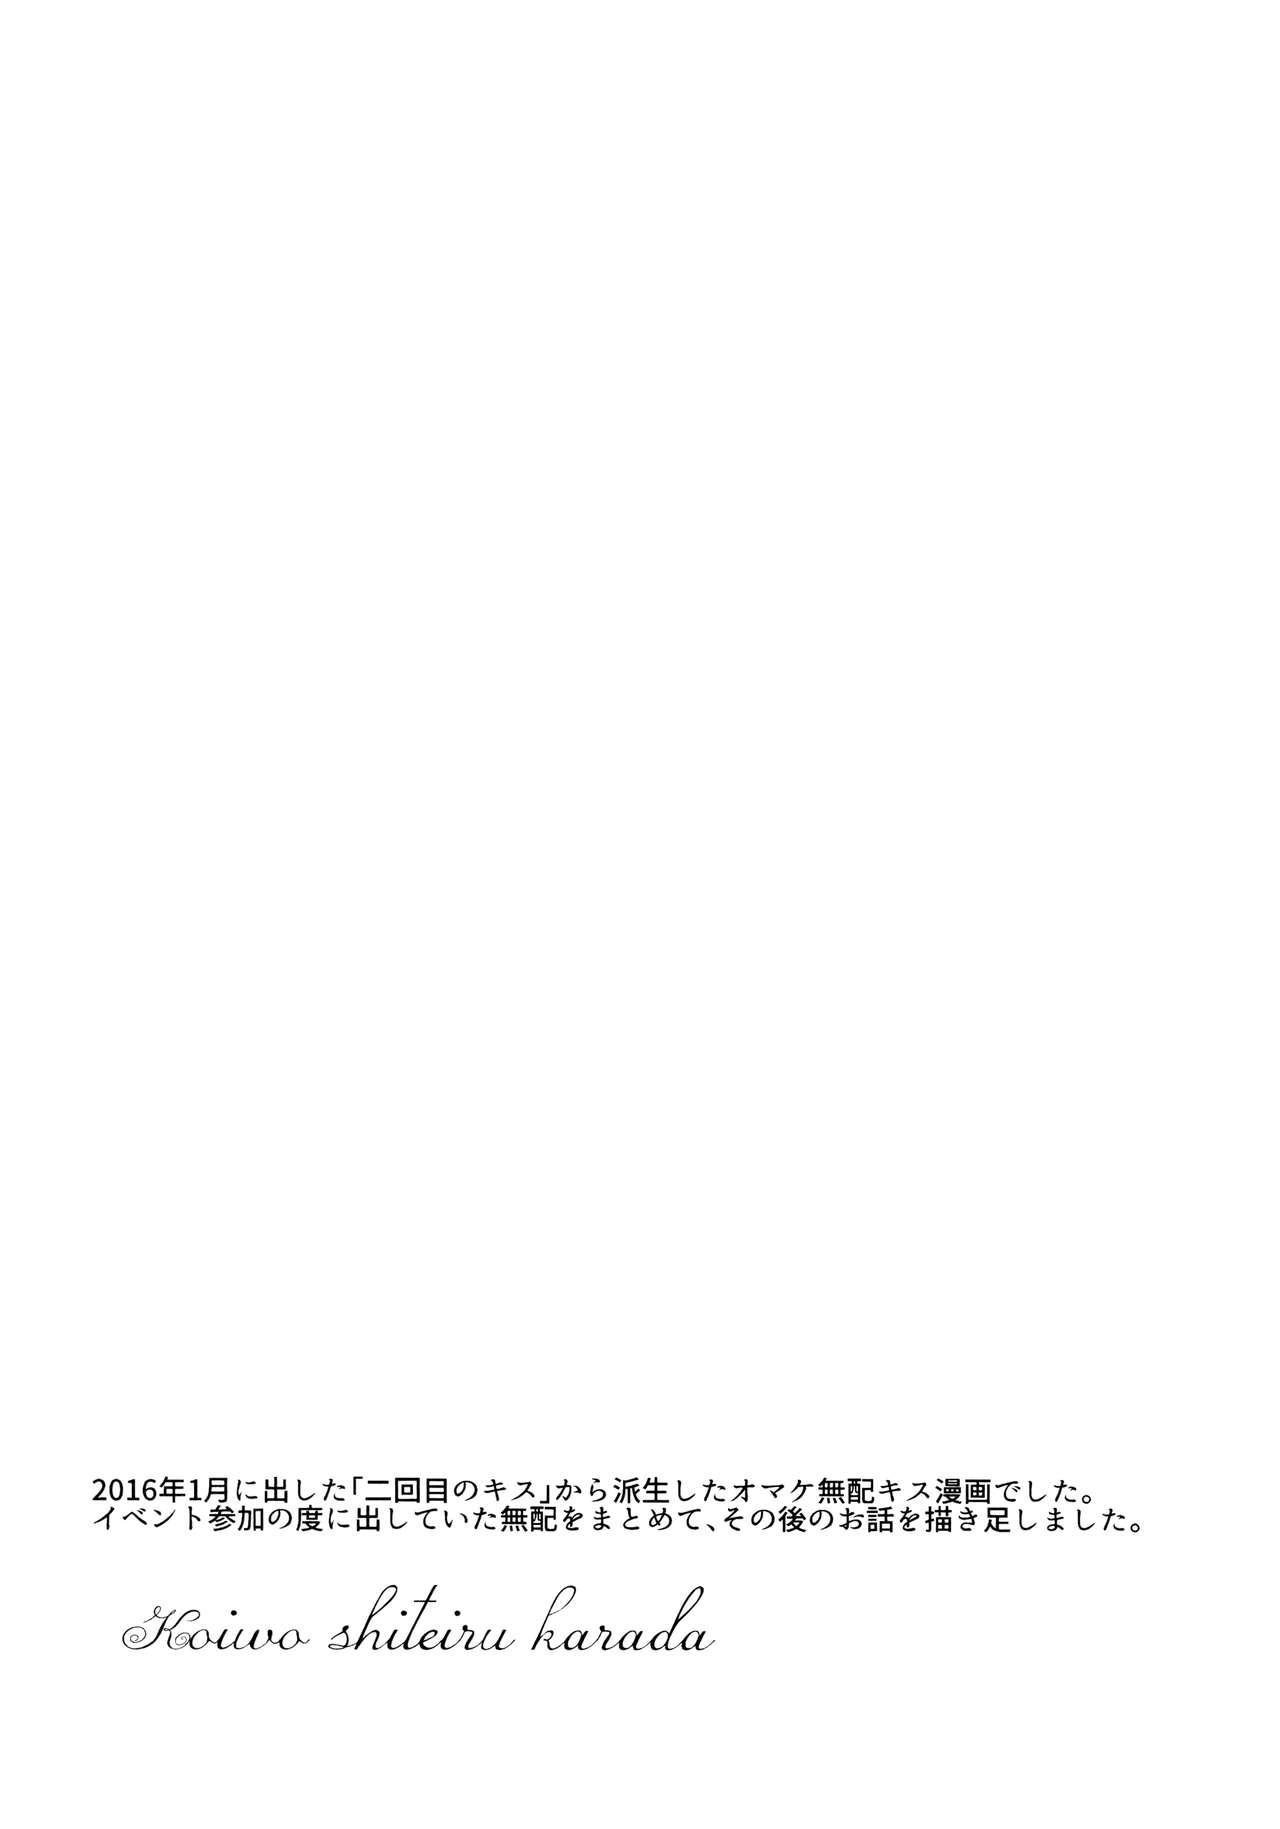 Koiwo Shiteiru Karada 1 + 2 22